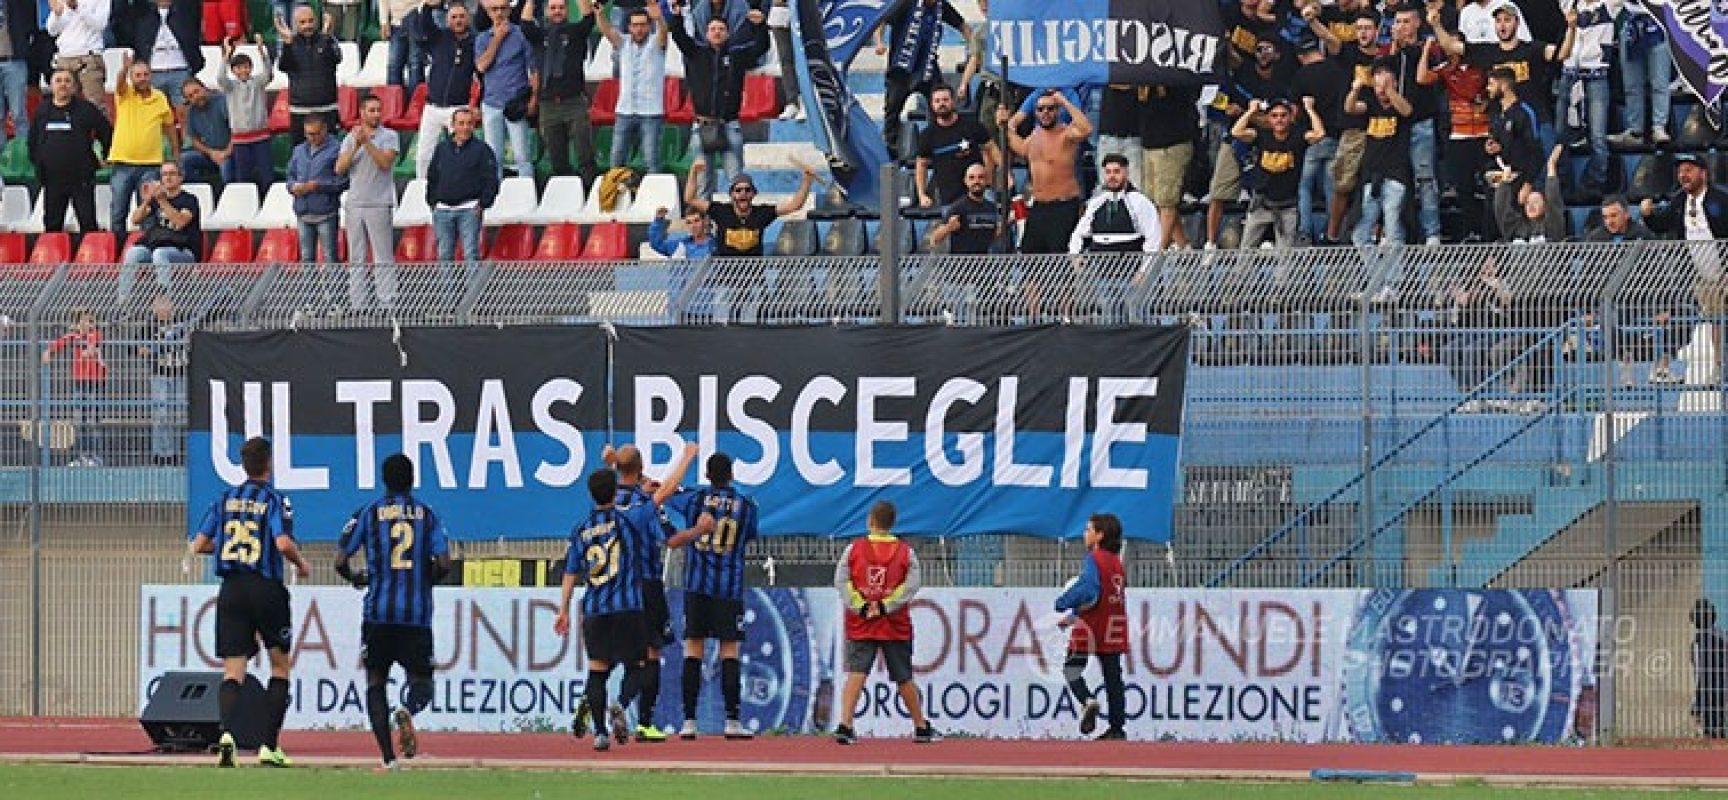 Il nuovo Bisceglie Calcio sarà gestito da biscegliesi, i nomi dell'organigramma societario